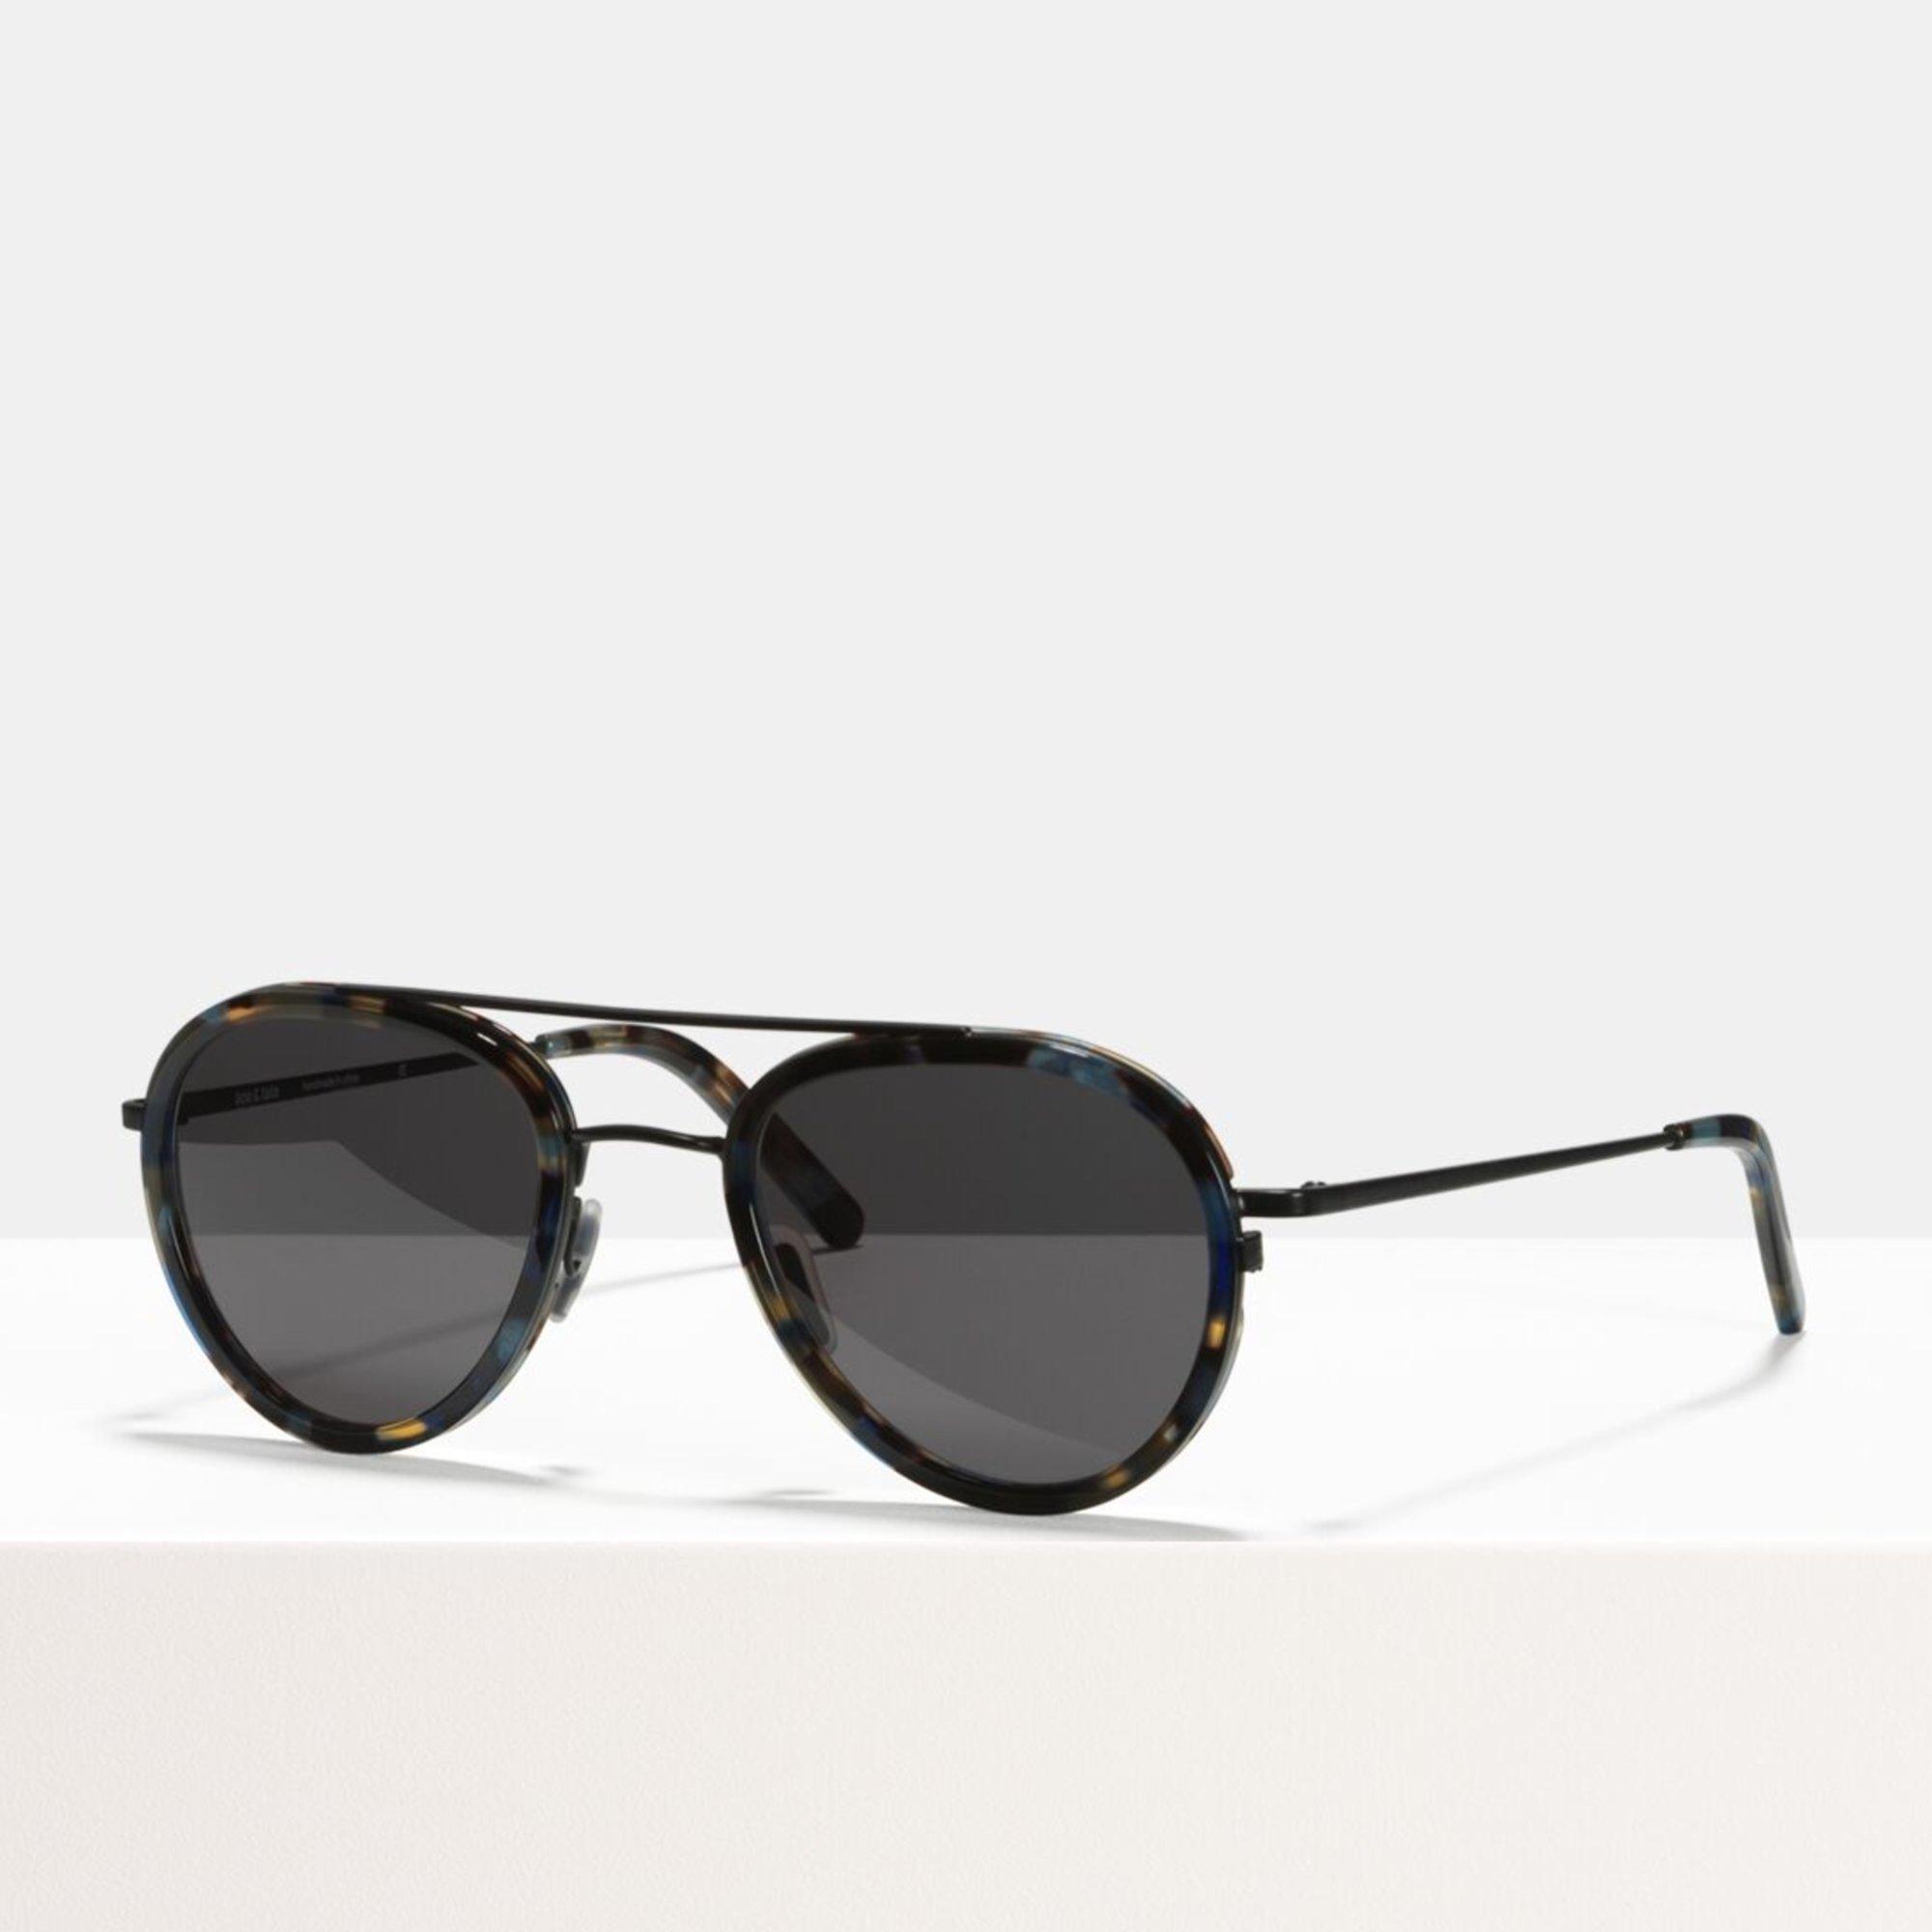 Ace & Tate Sunglasses |  combi in Black, Blue